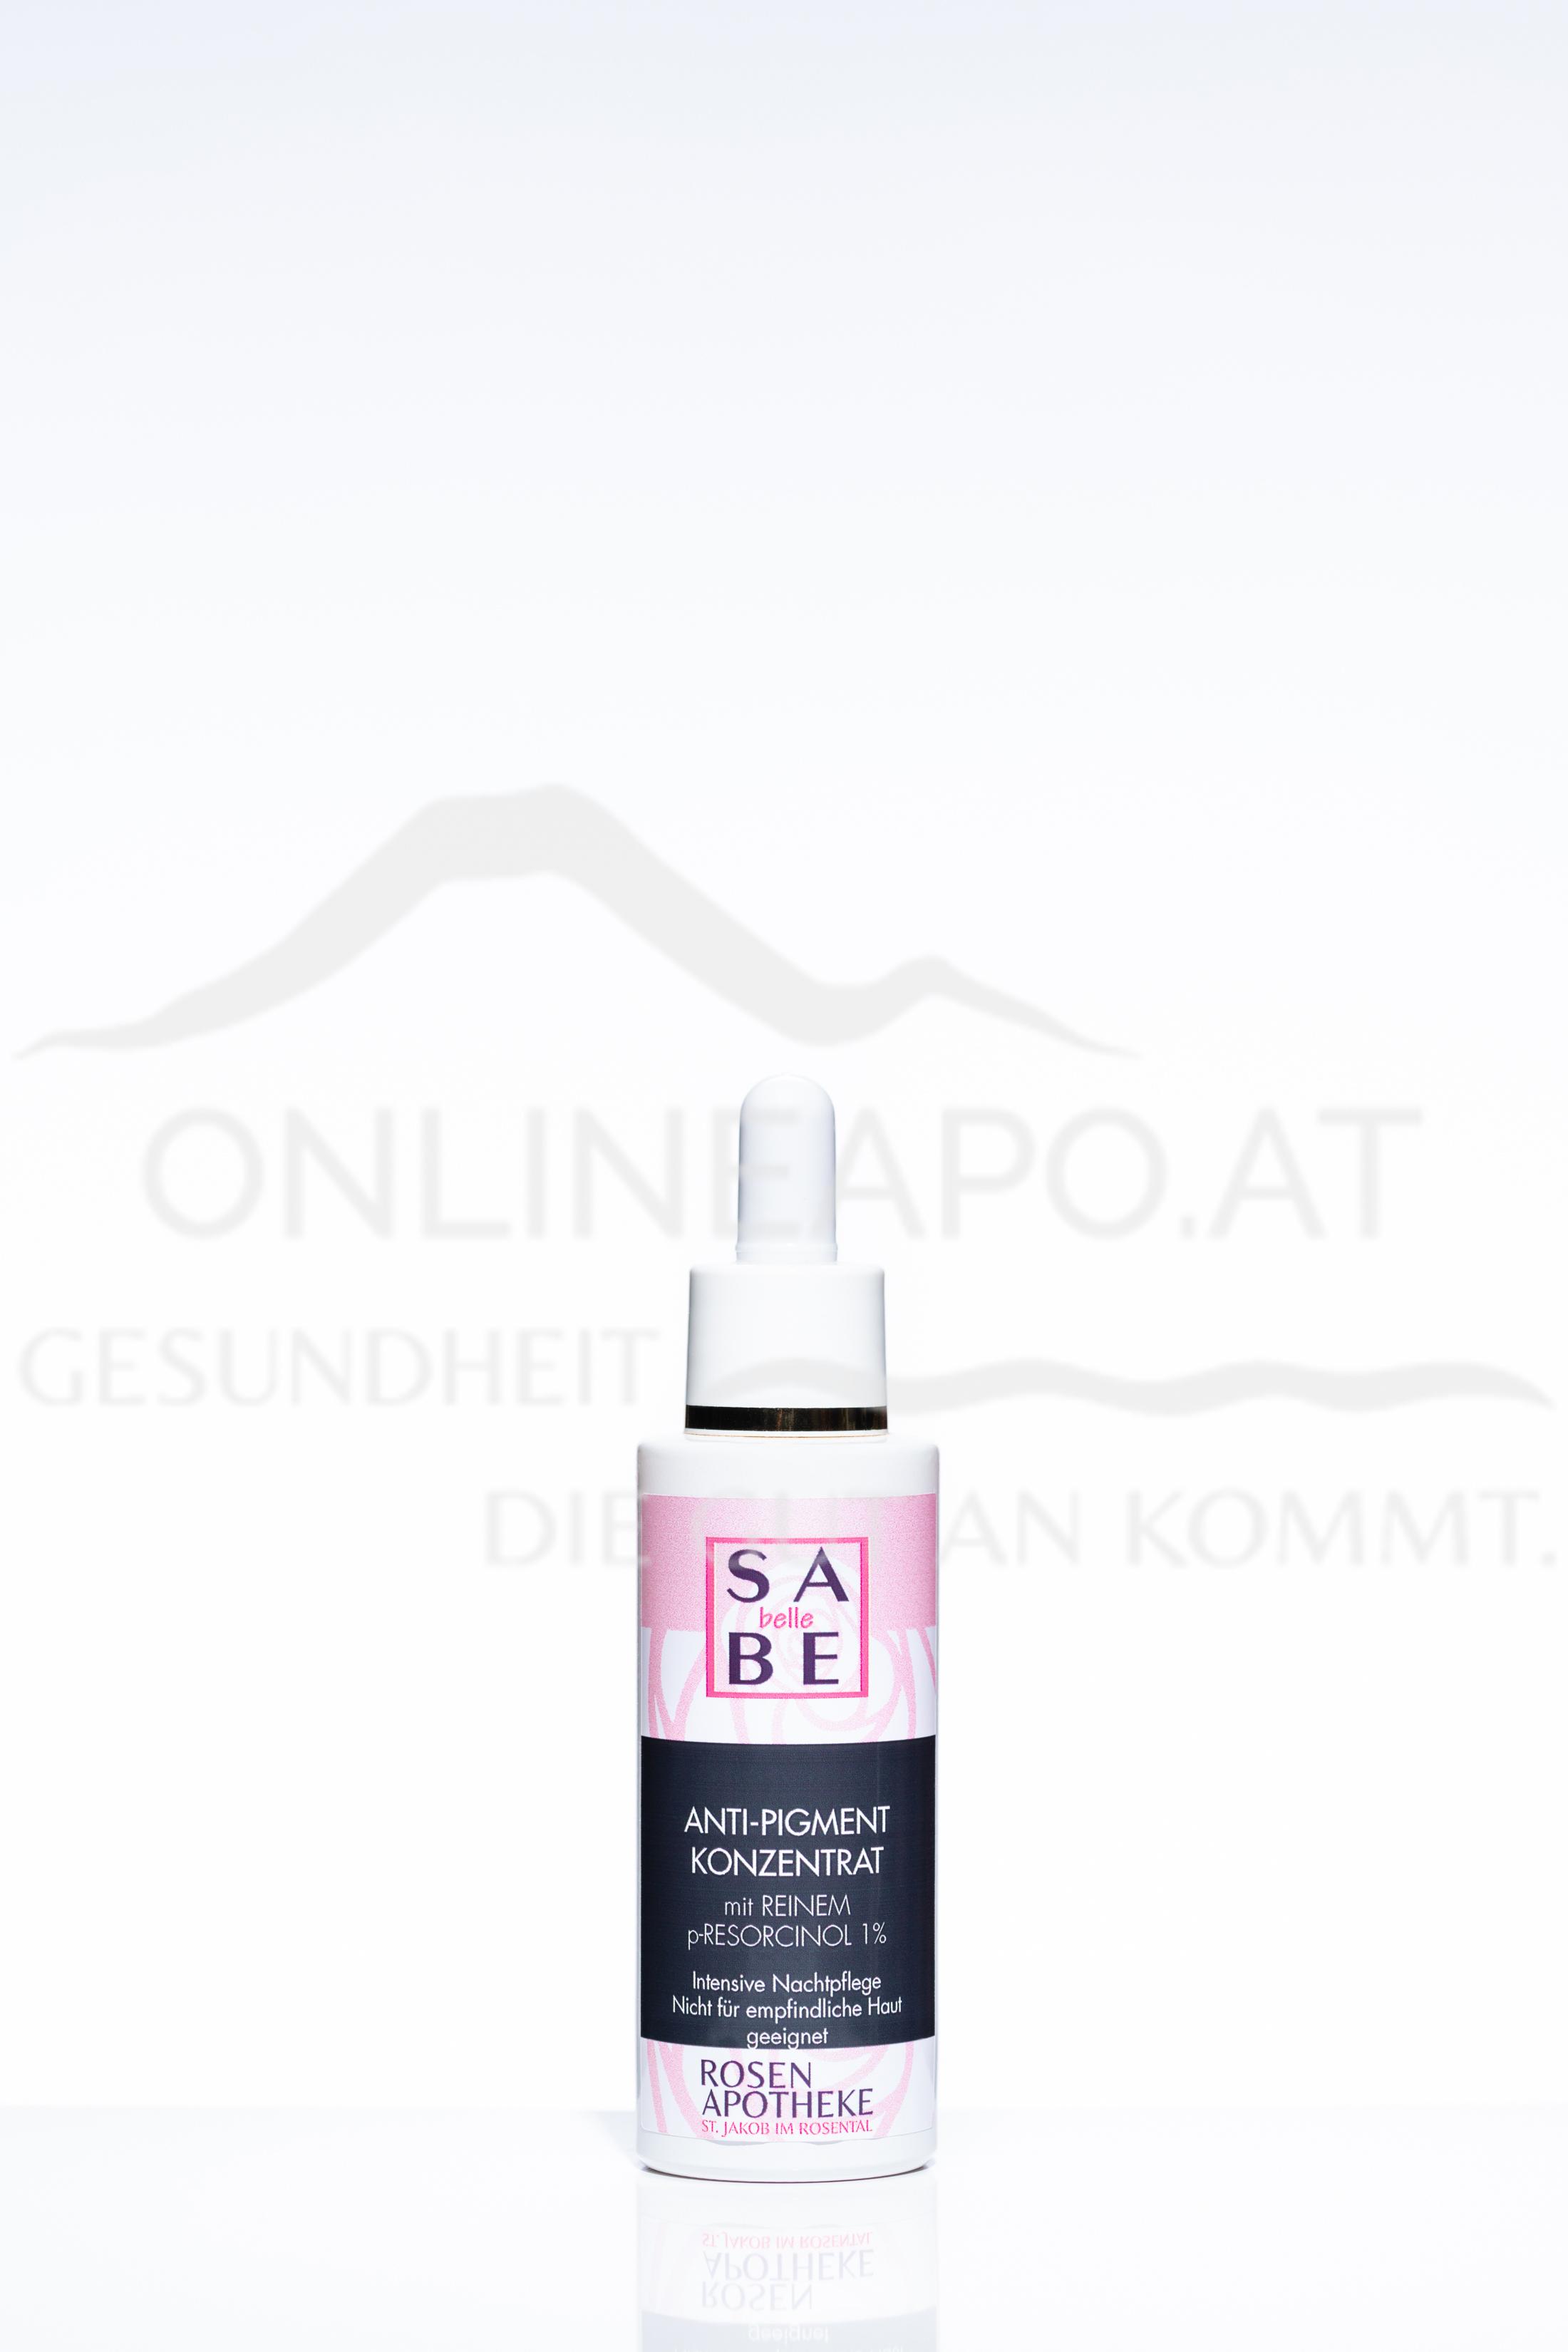 SABE belle Anti-Pigment Konzentrat mit Reinem P-Resorcinol 1 %